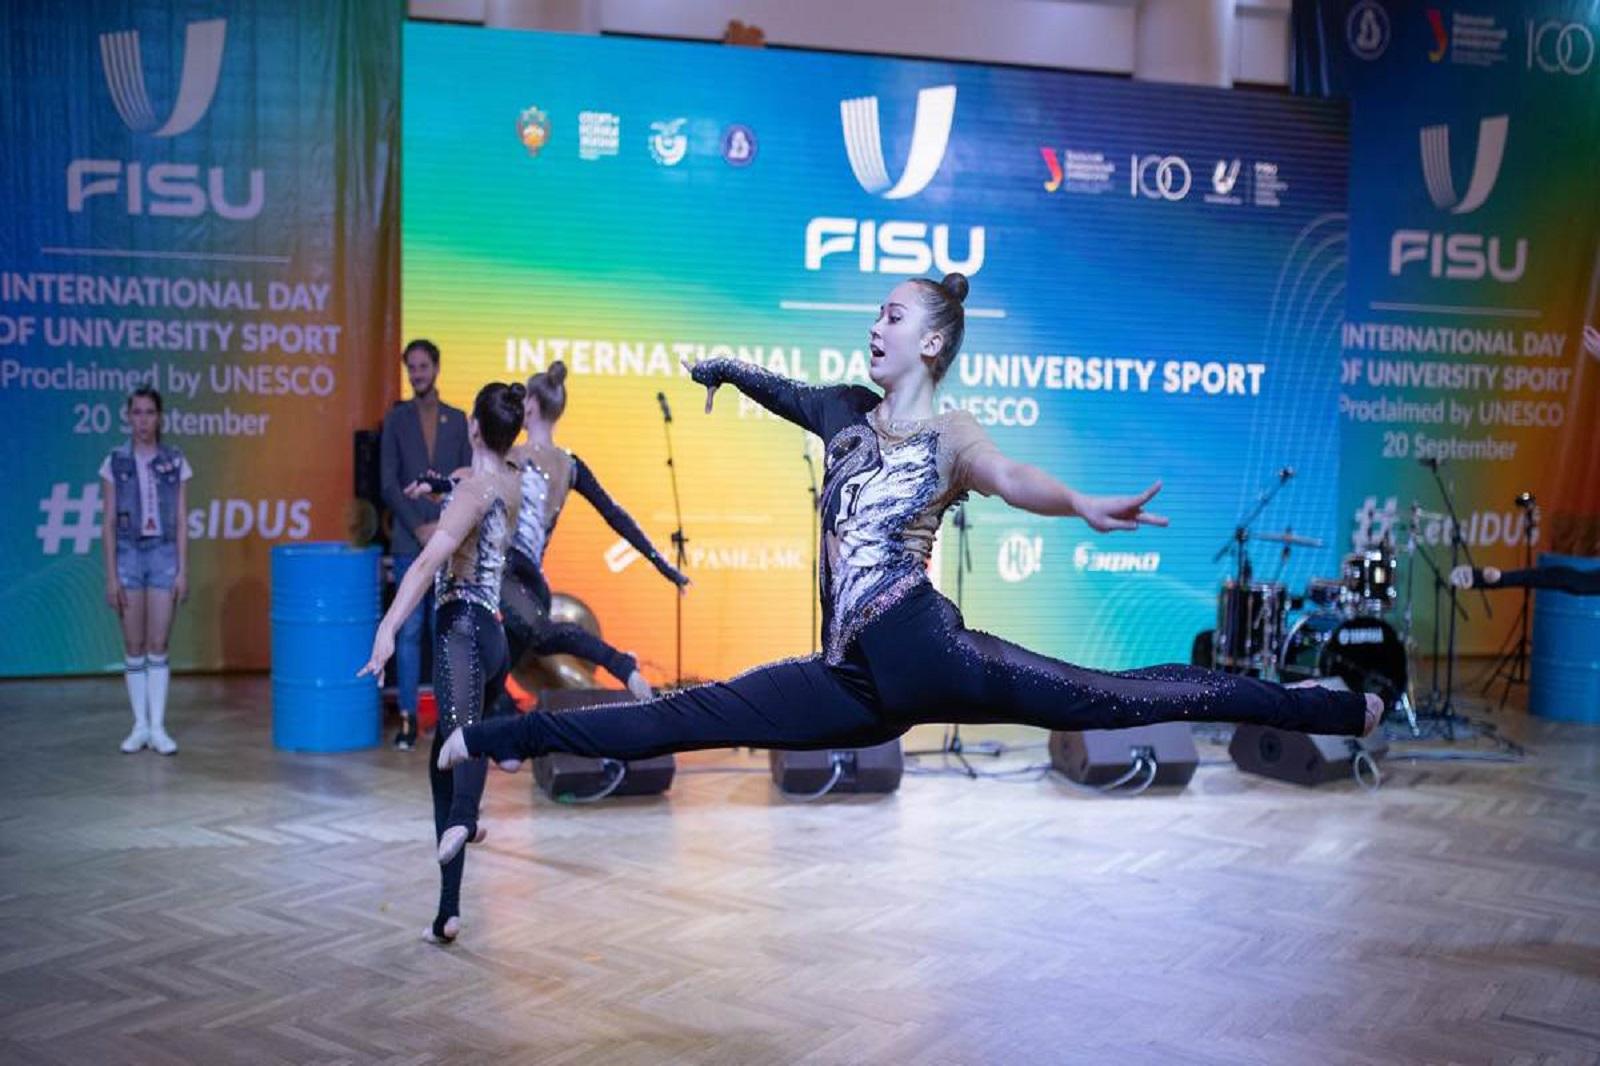 2.5万人参加了大学生运动会插图-小狮座俄罗斯留学